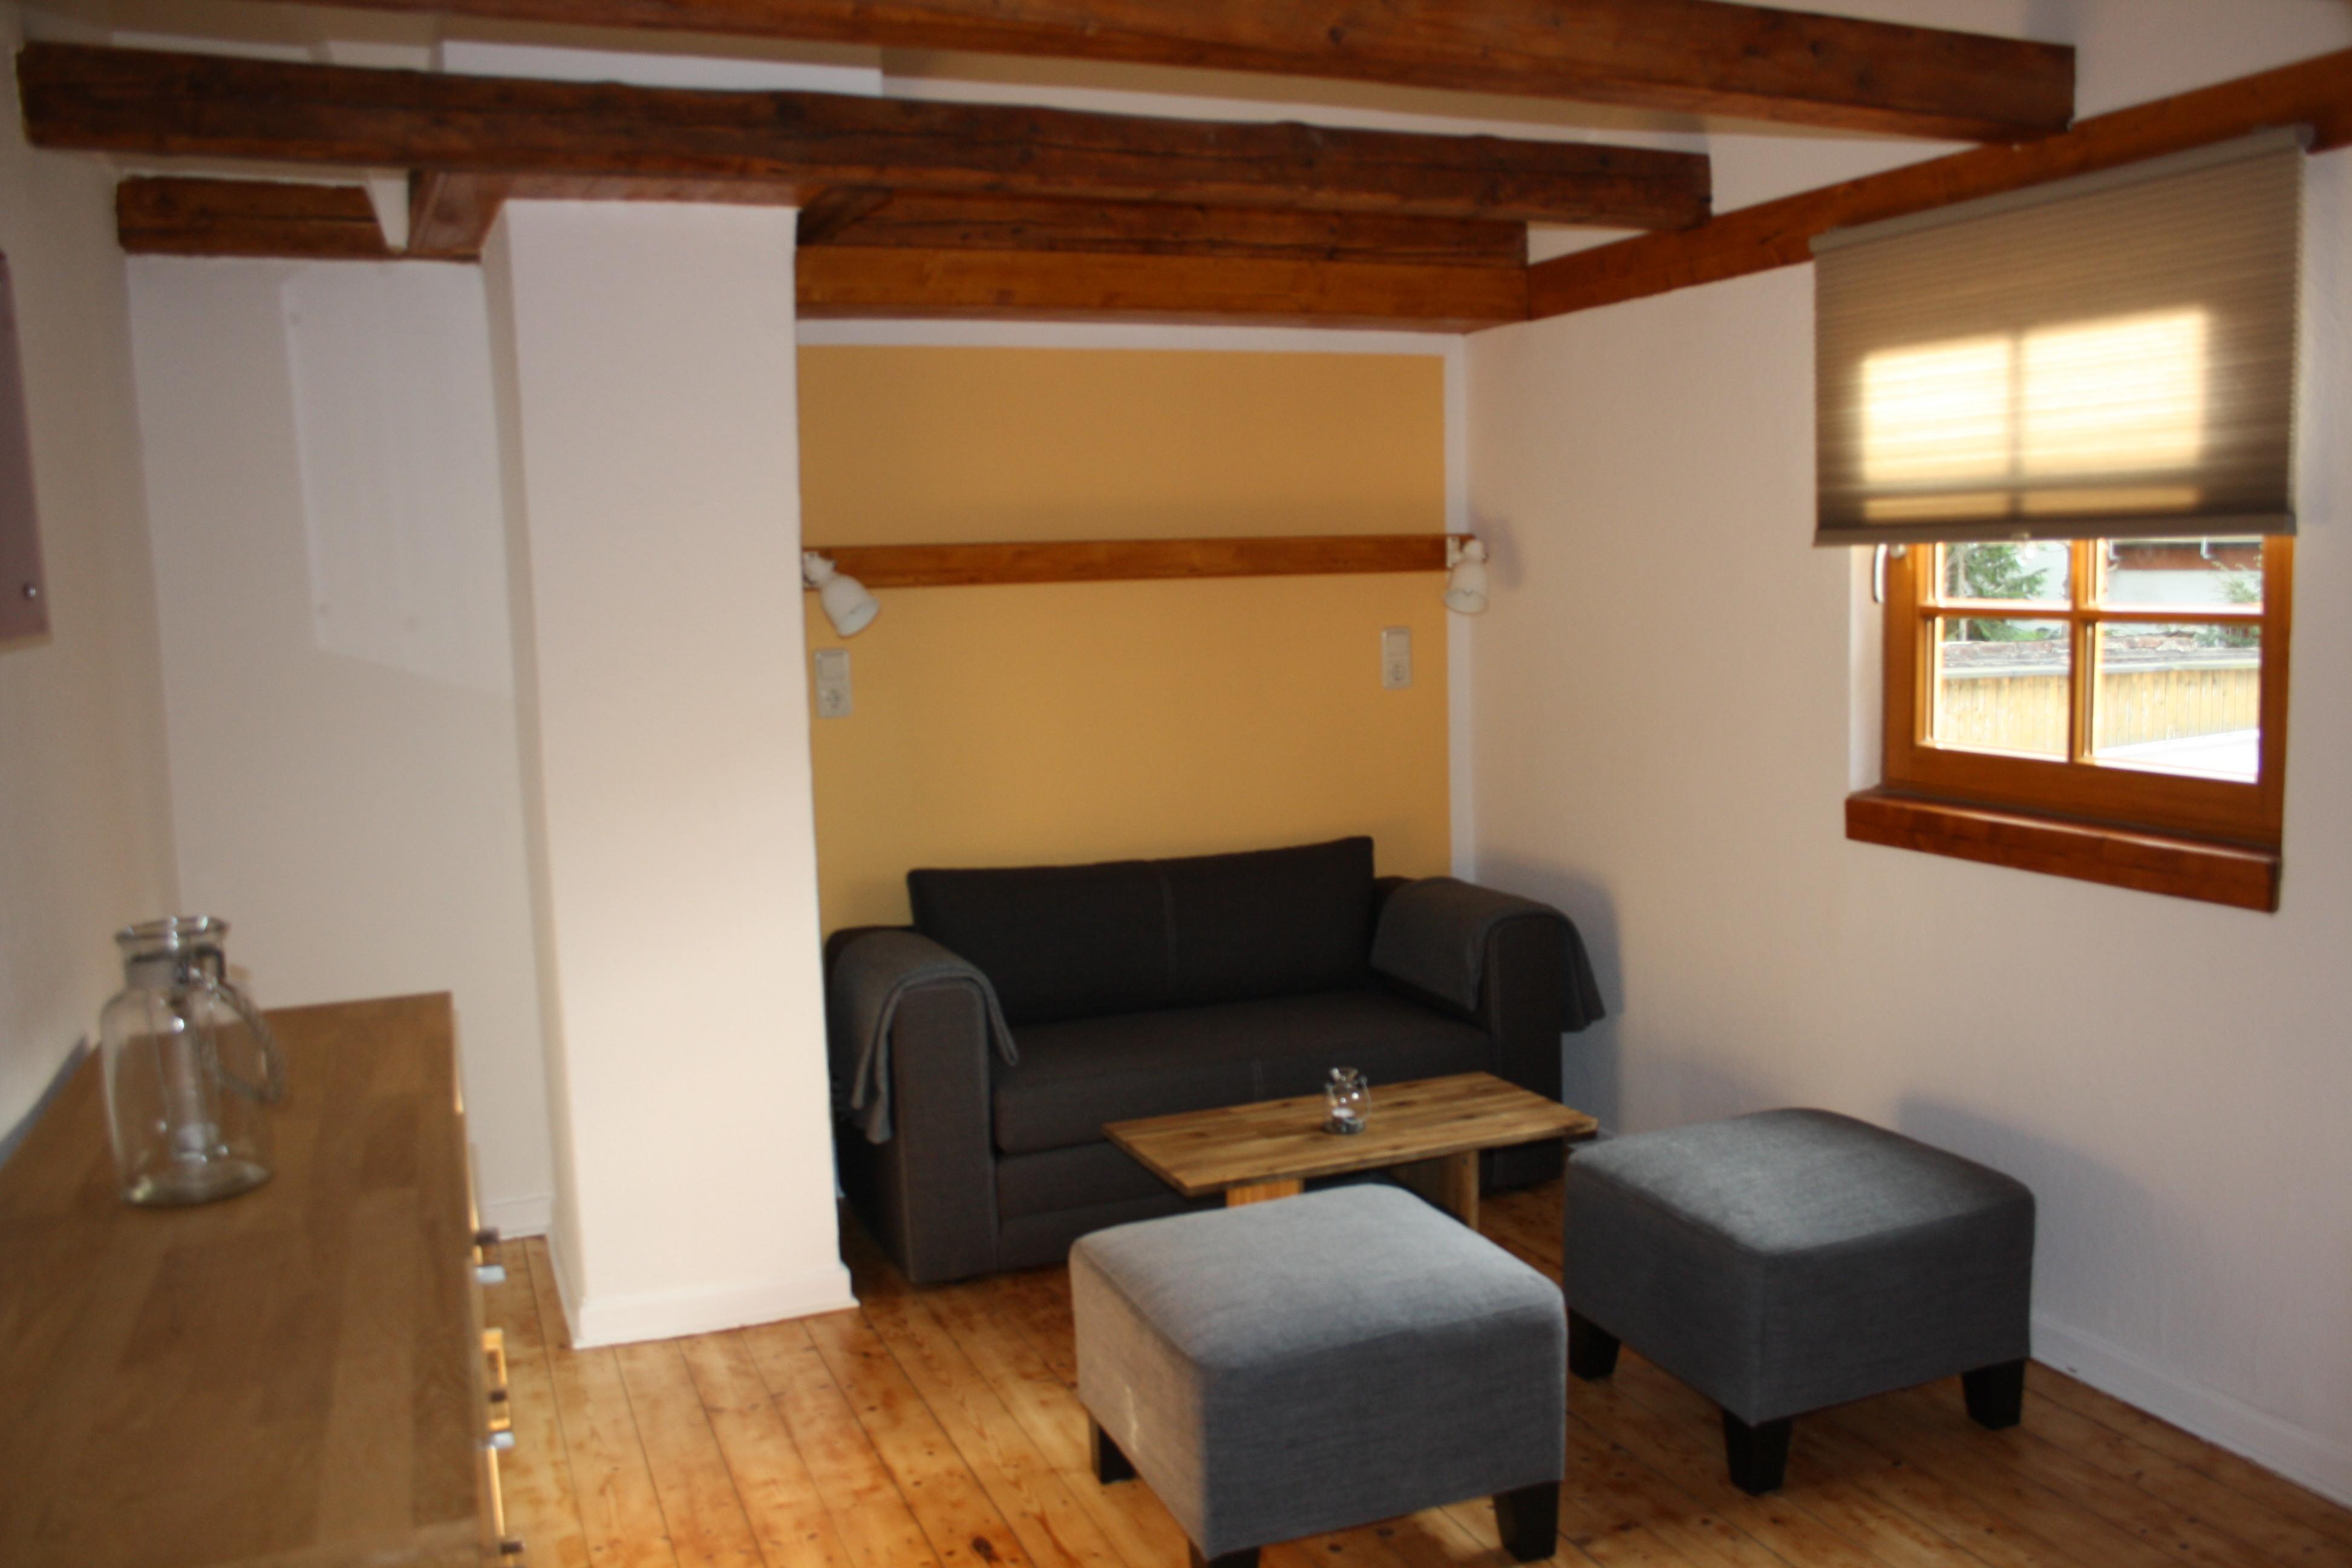 Ferienhaus Denkmal Kassel Ferienhaus 50qm 1 Schlafzimmer Max